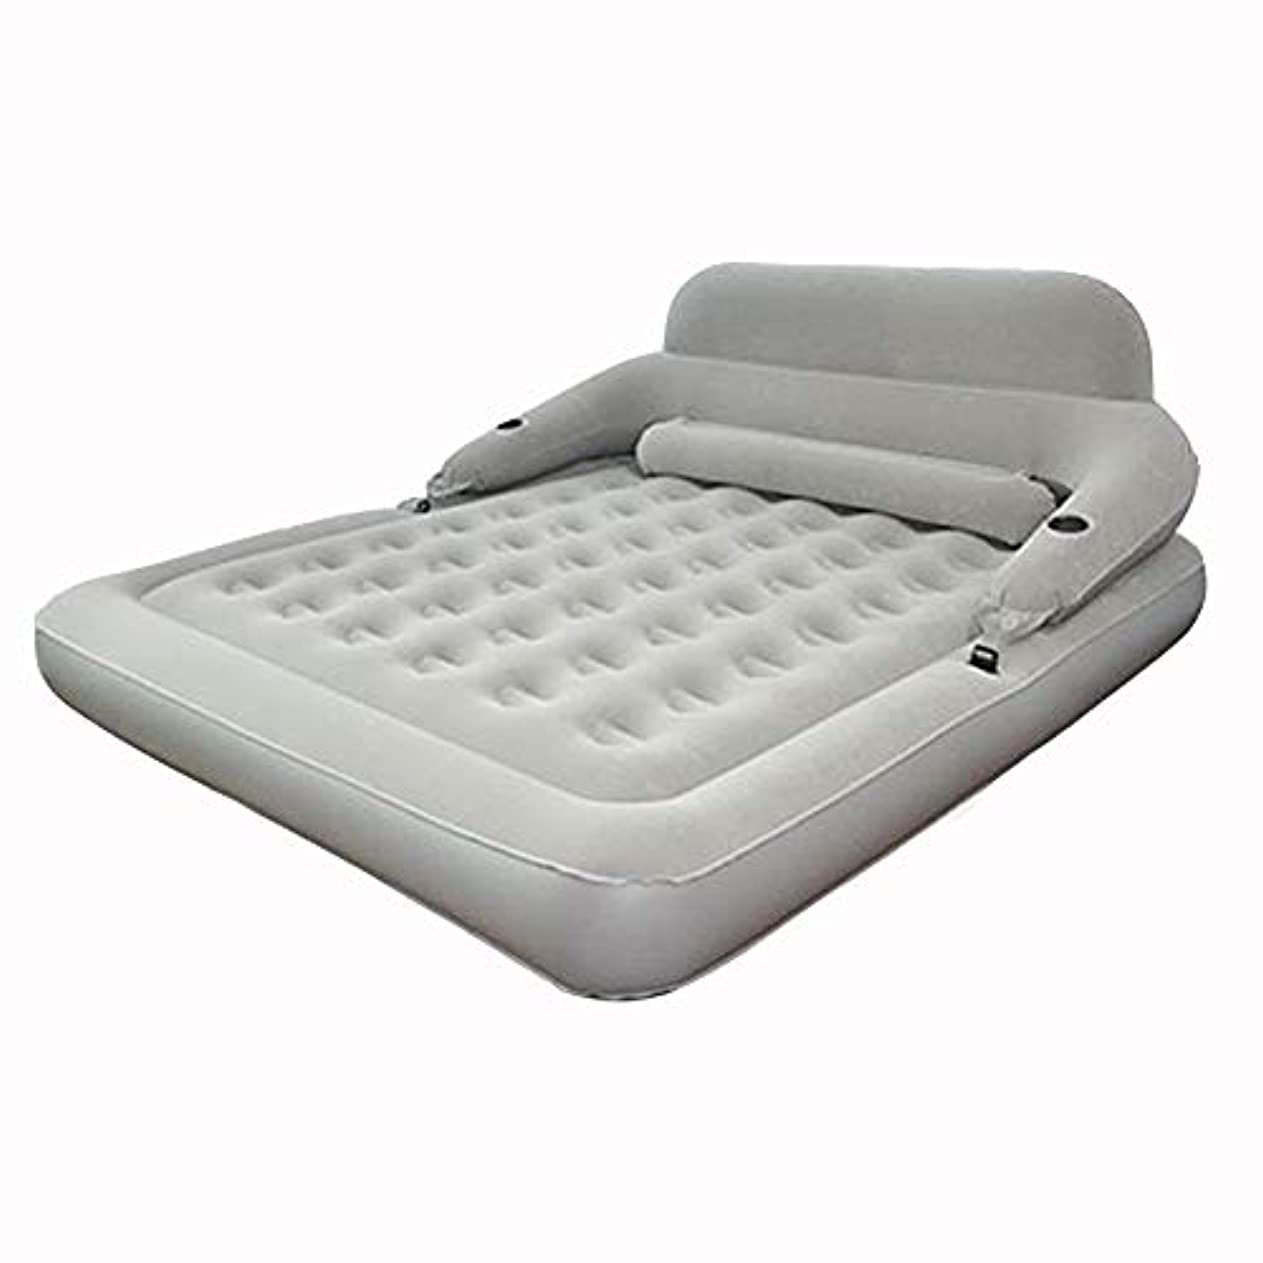 チーフ任命する兵隊世帯の単一の二重携帯用膨脹可能なベッド/屋外の厚く快適で膨脹可能なベッド/貯蔵の便利さ肌に優しい膨脹可能なベッド(色:B、サイズ:183 * 203 * 22CM)